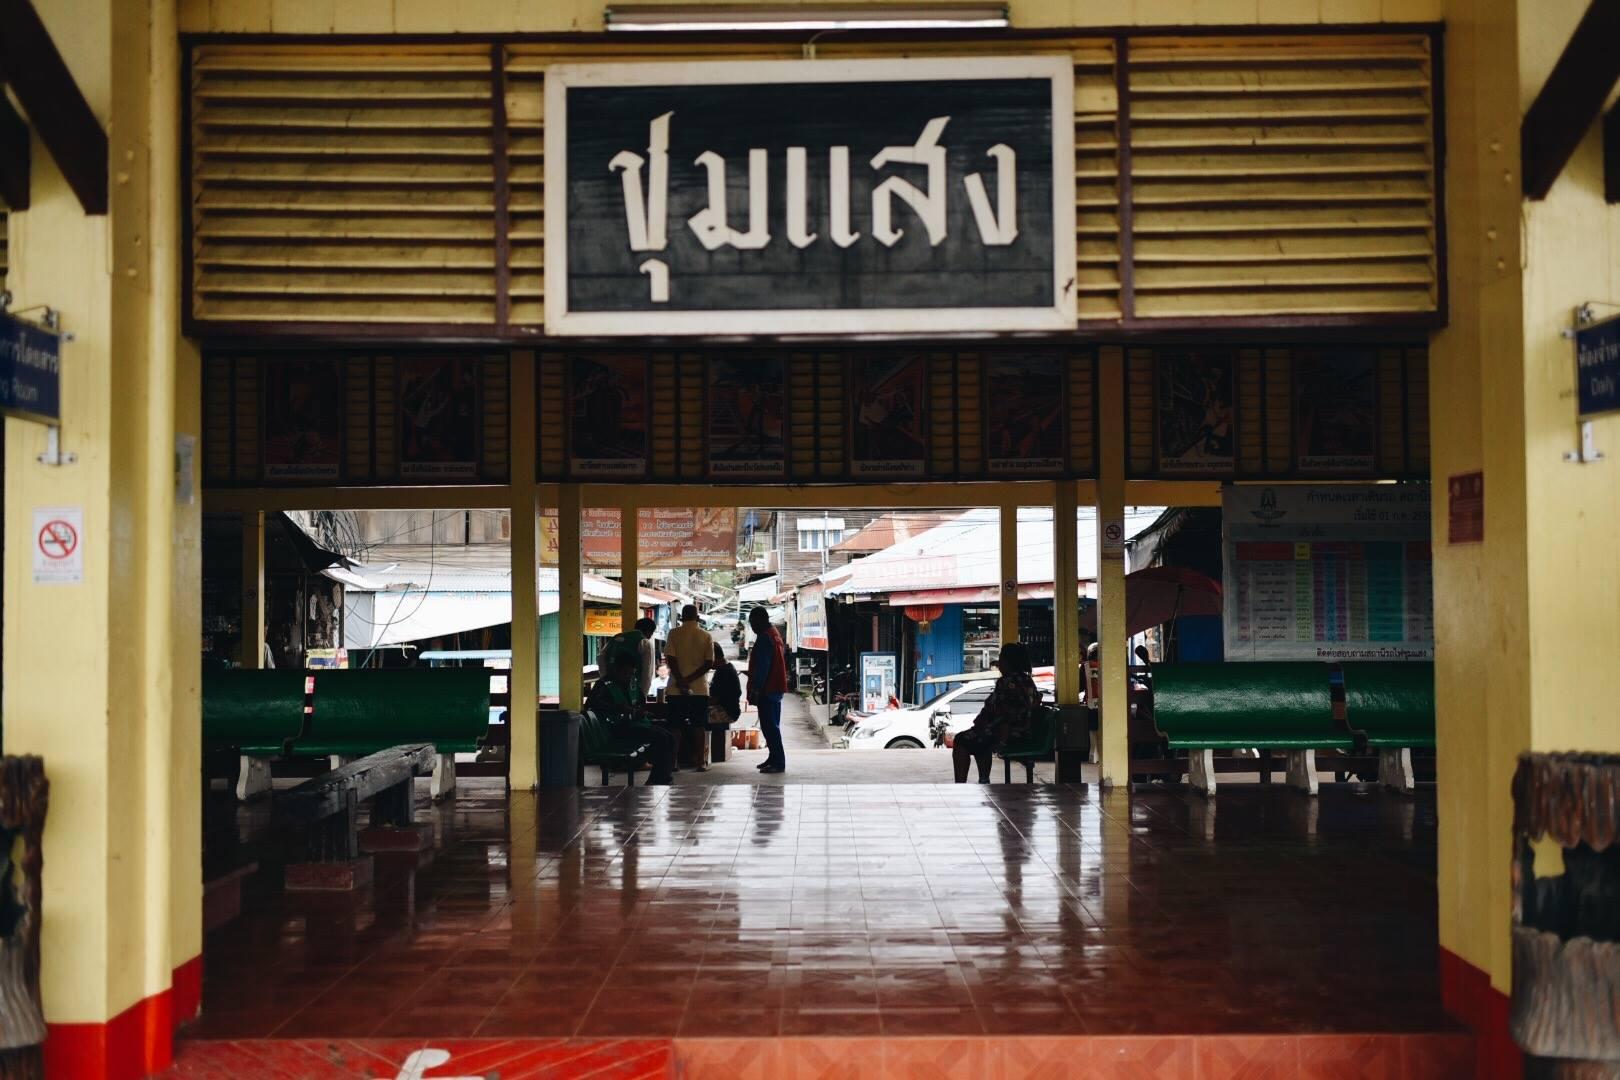 ที่เที่ยวนครสวรรค์ เที่ยวนครสวรรค์ เที่ยวเมืองไทย ชุมแสง นครสวรรค์